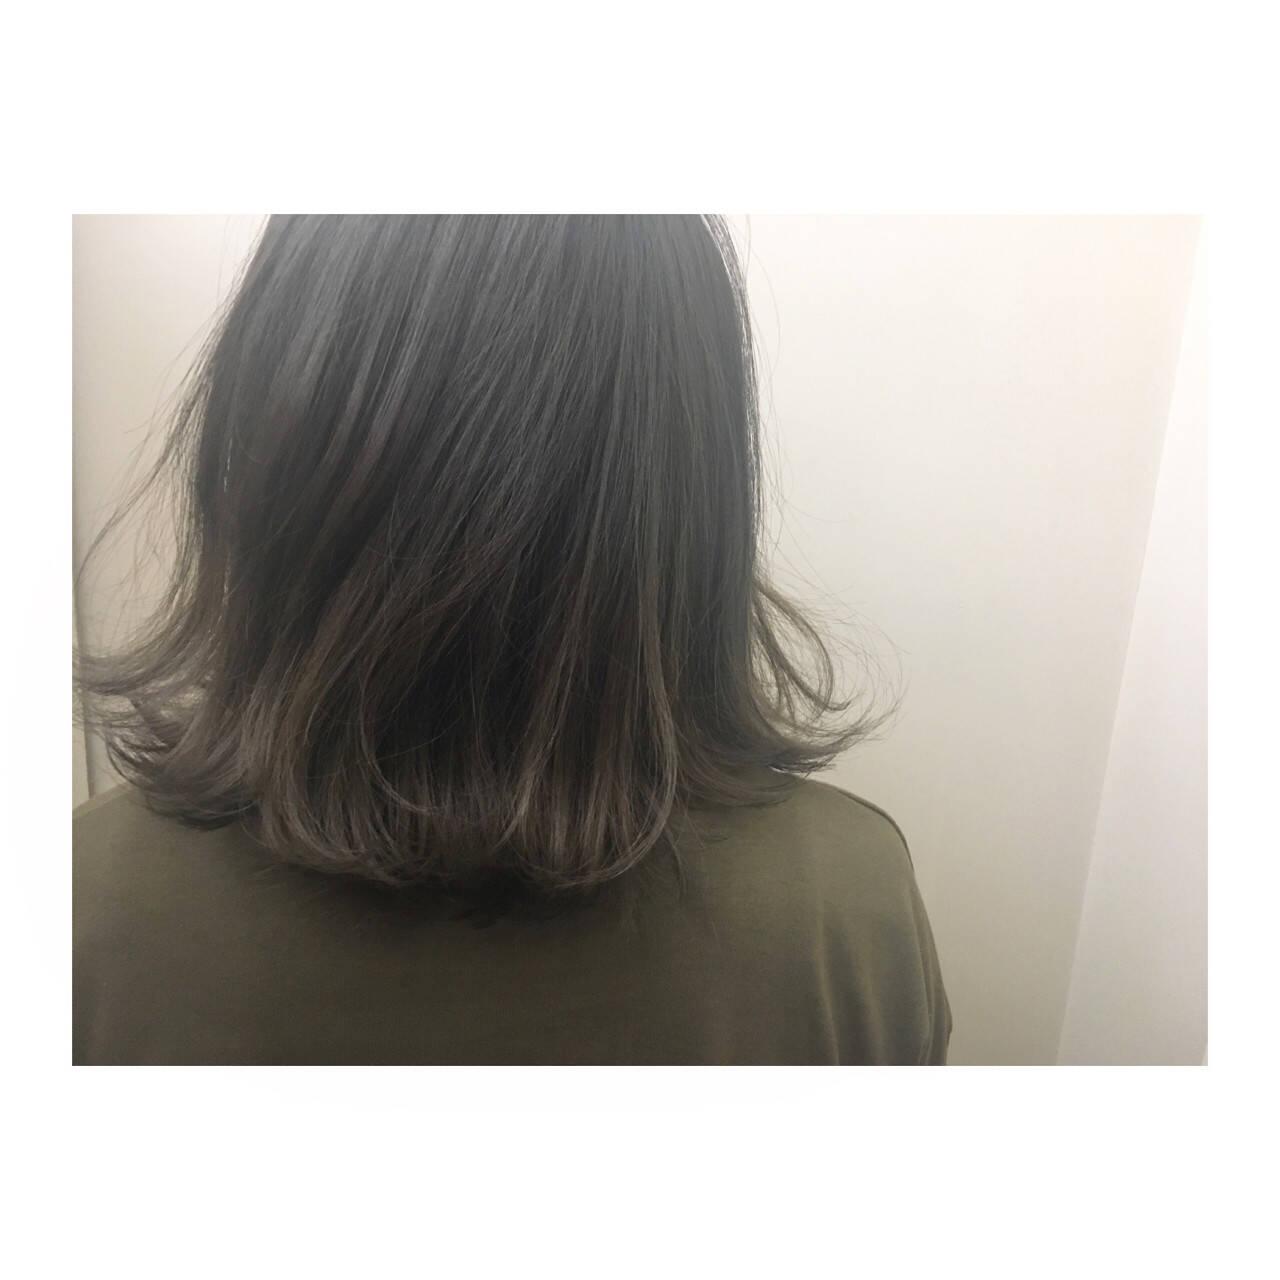 アッシュグレージュ 外国人風カラー ミディアム ボブヘアスタイルや髪型の写真・画像